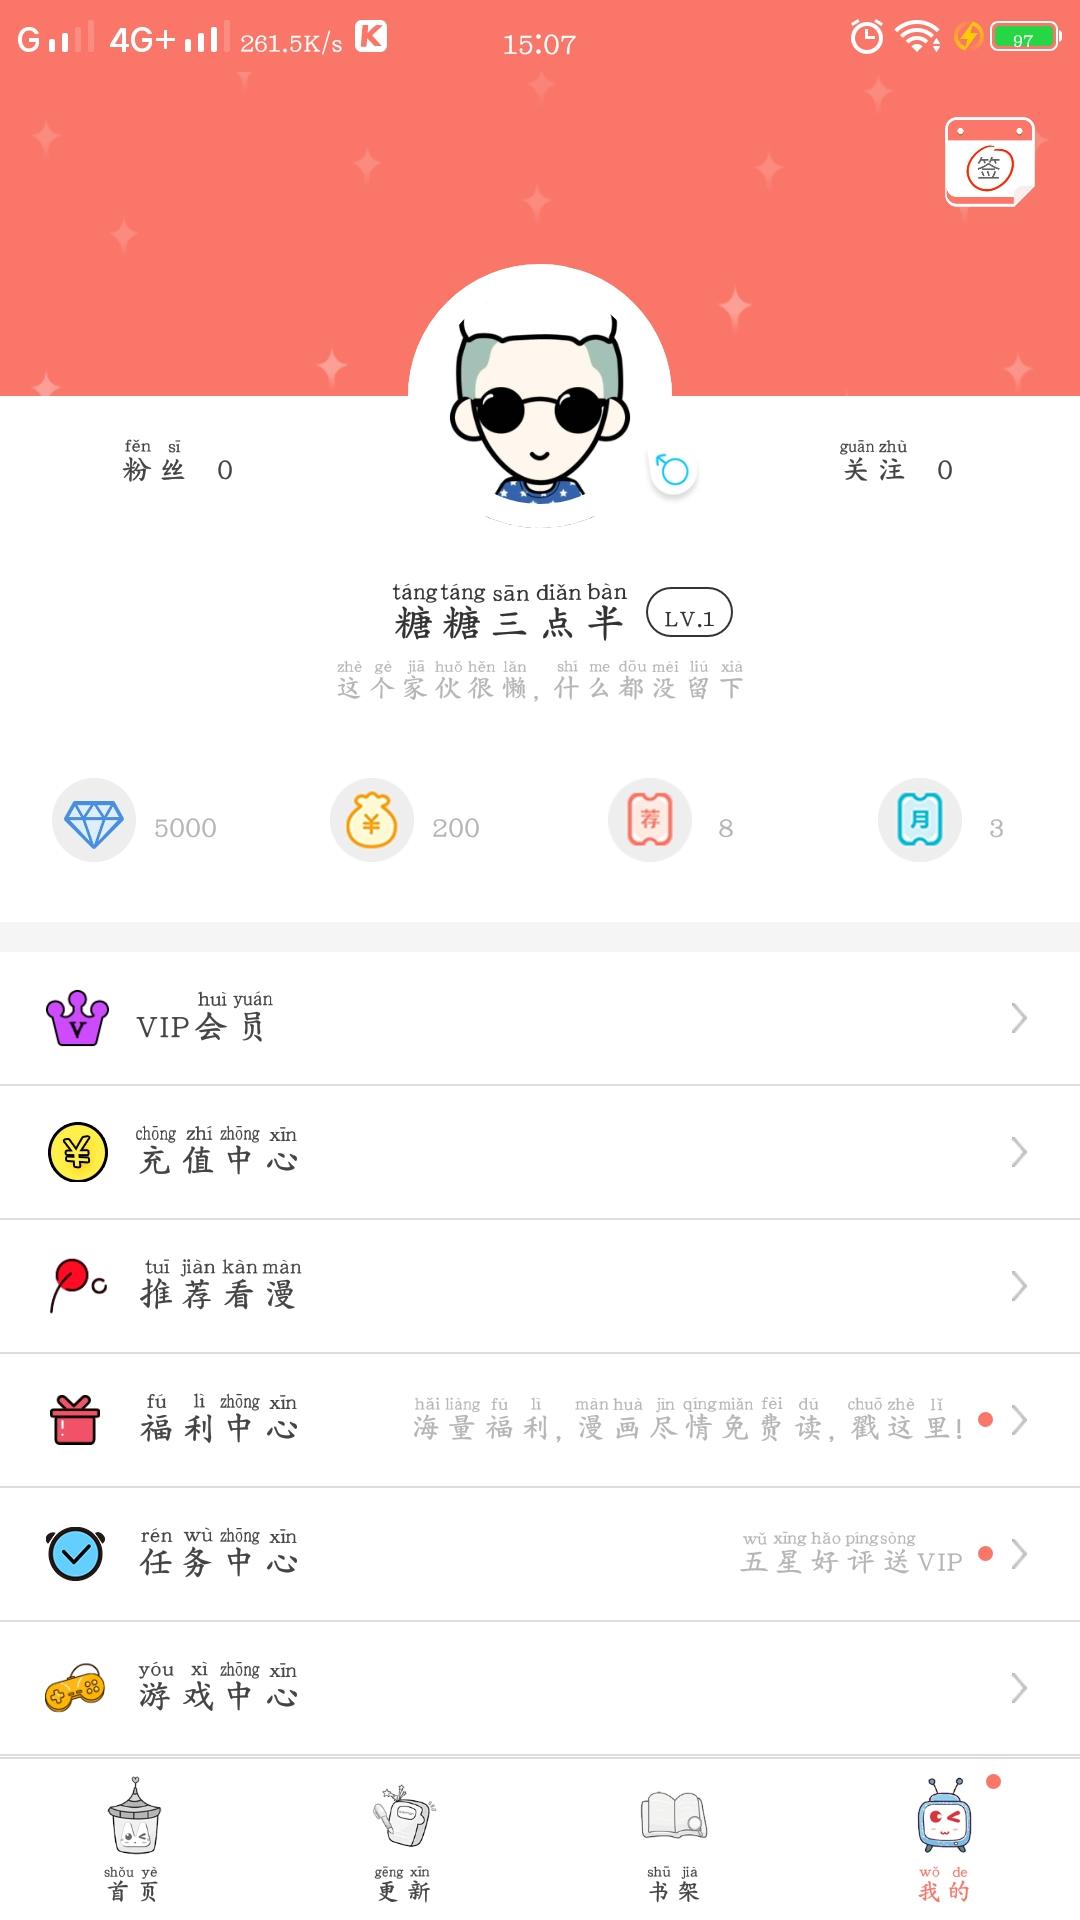 Screenshot_20180826_150725.jpg